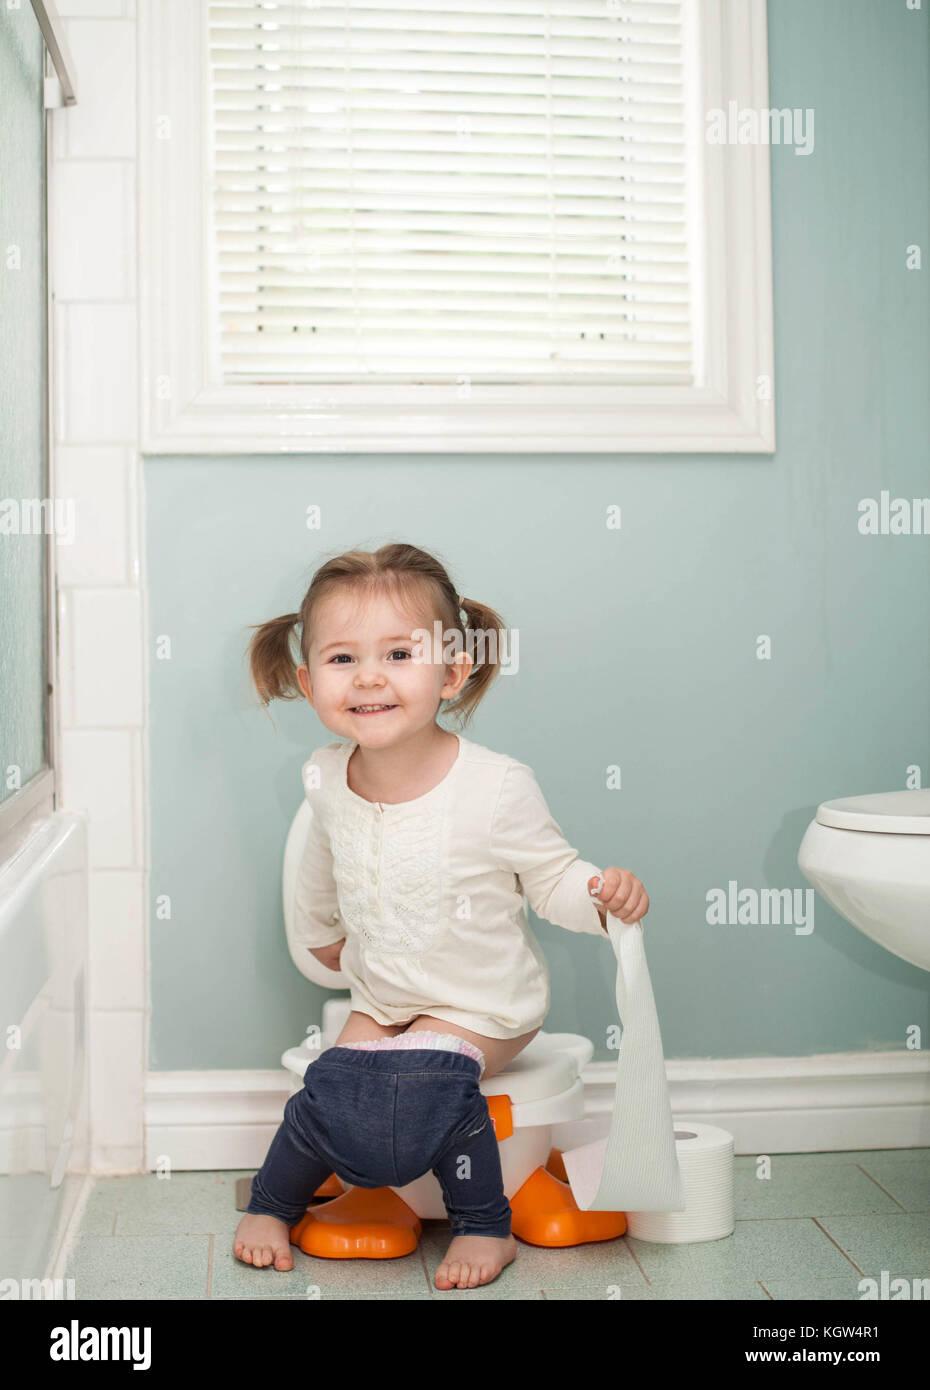 girl candid bathroom Young